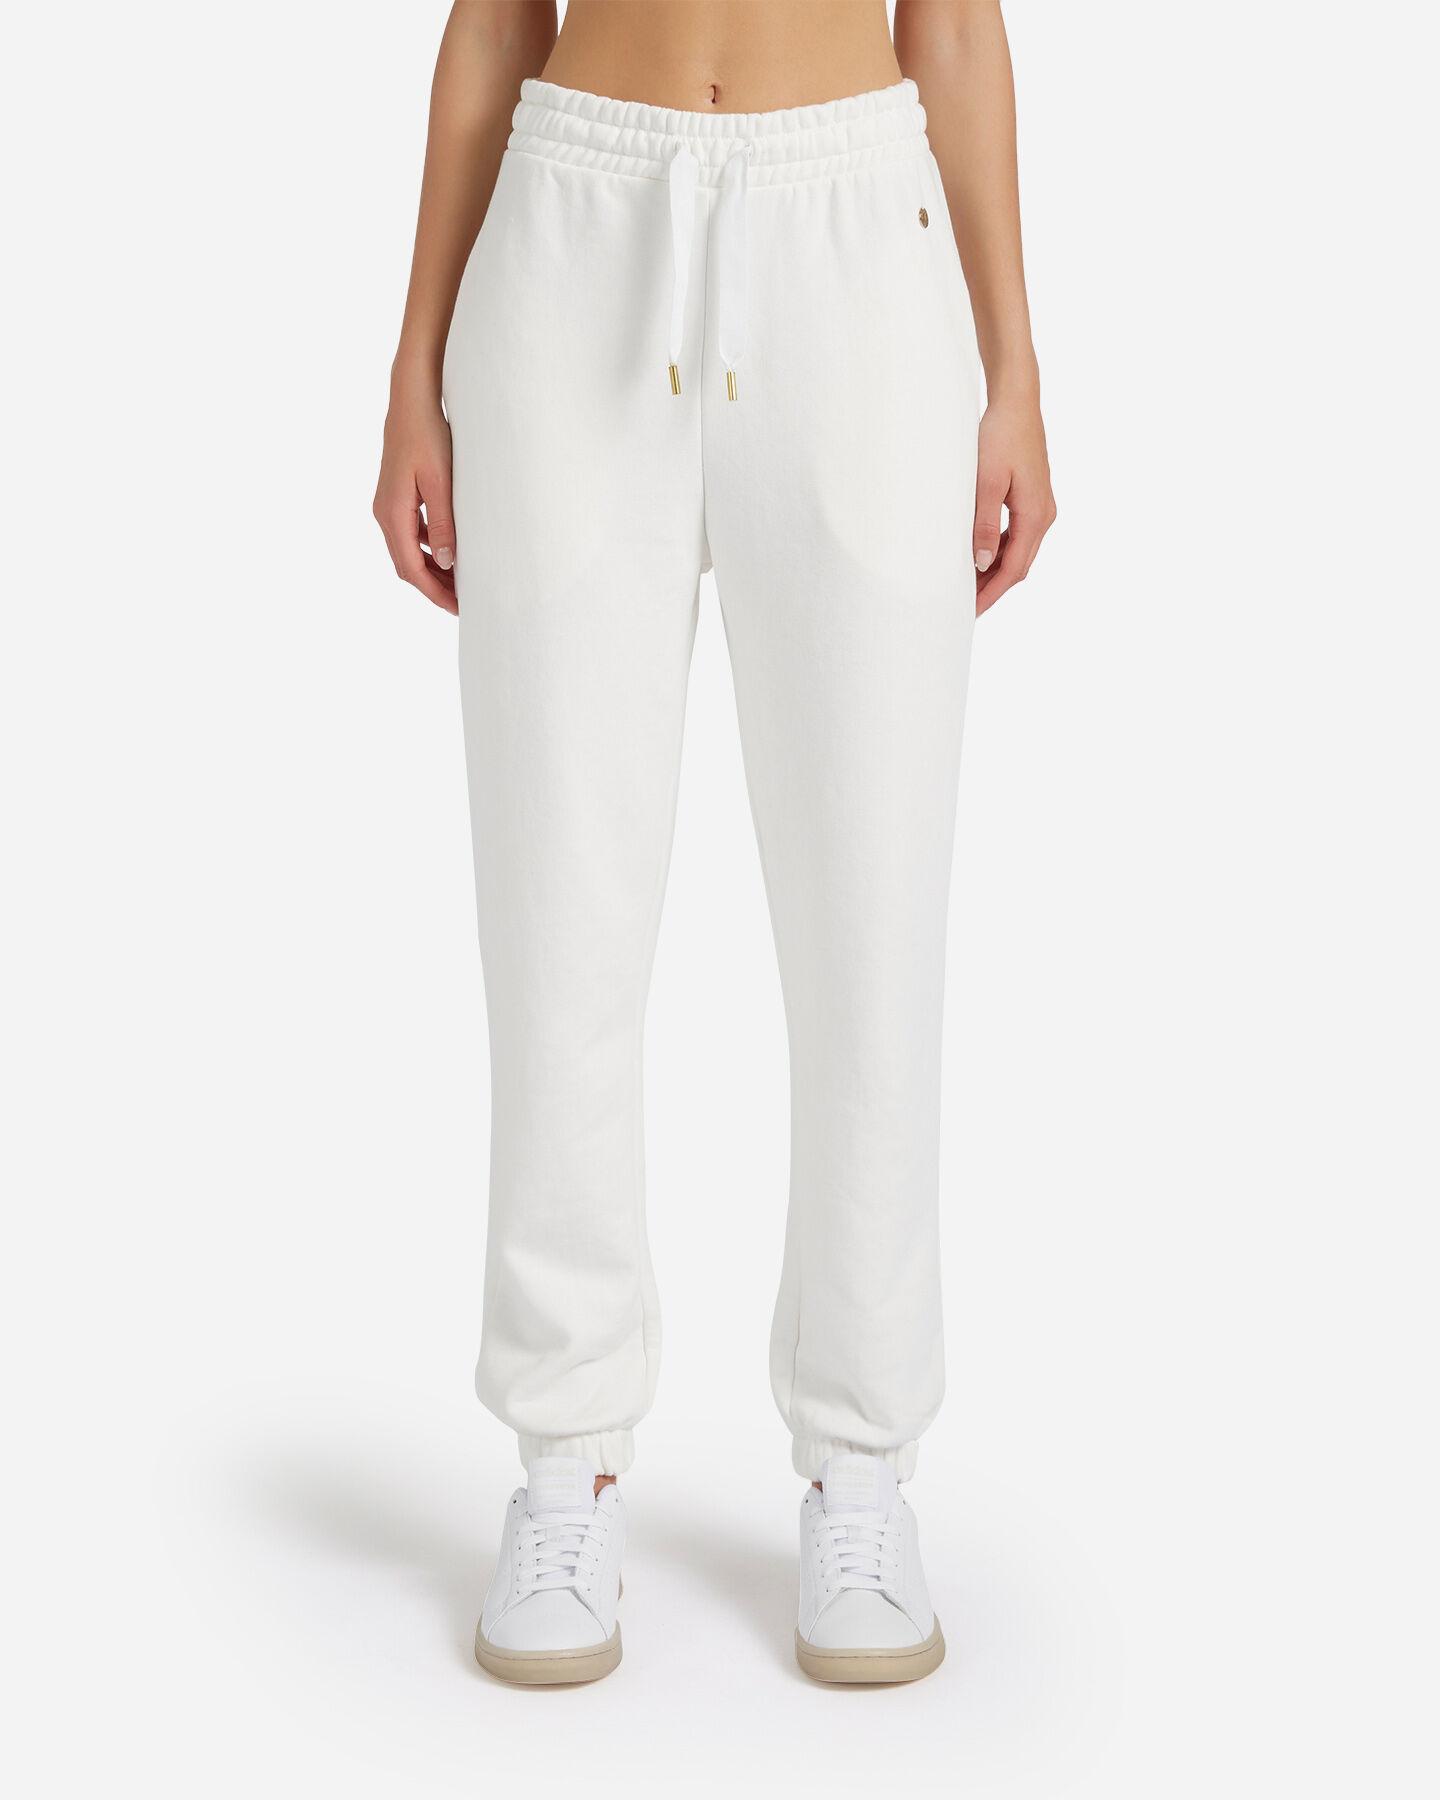 Pantalone ESSENZA CUFF W S4098346 scatto 0